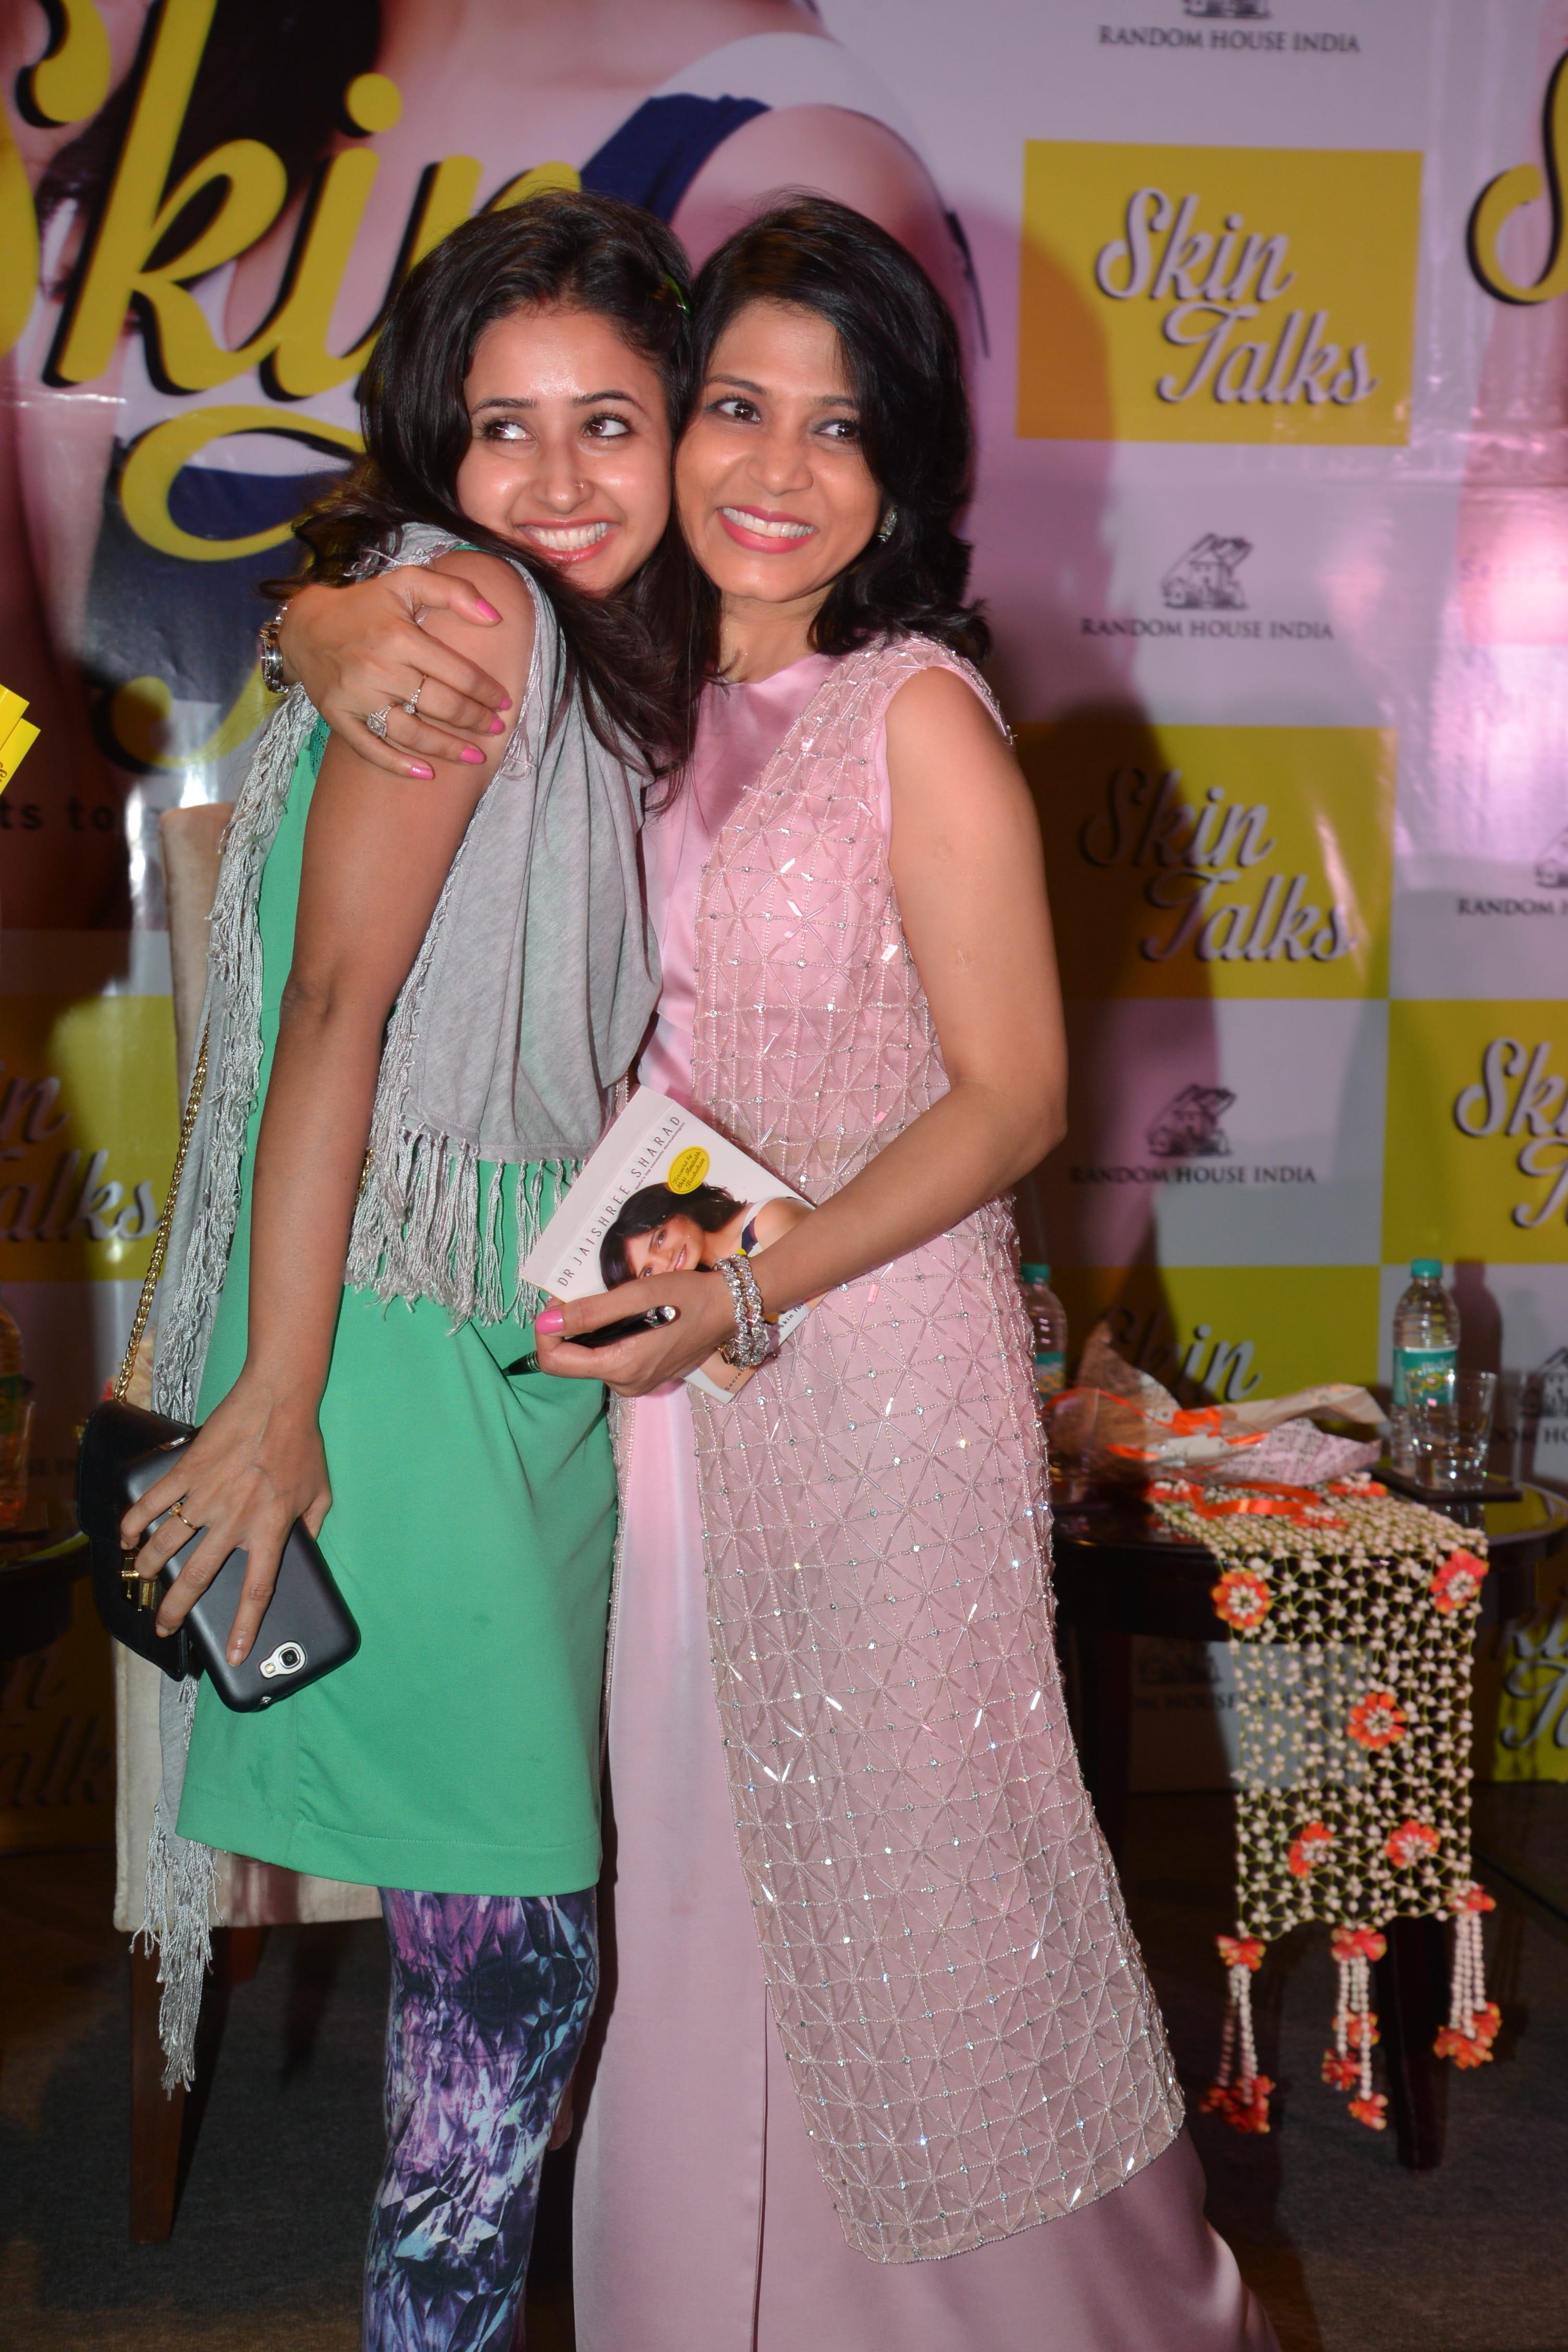 With TV actress Sana Shaikh